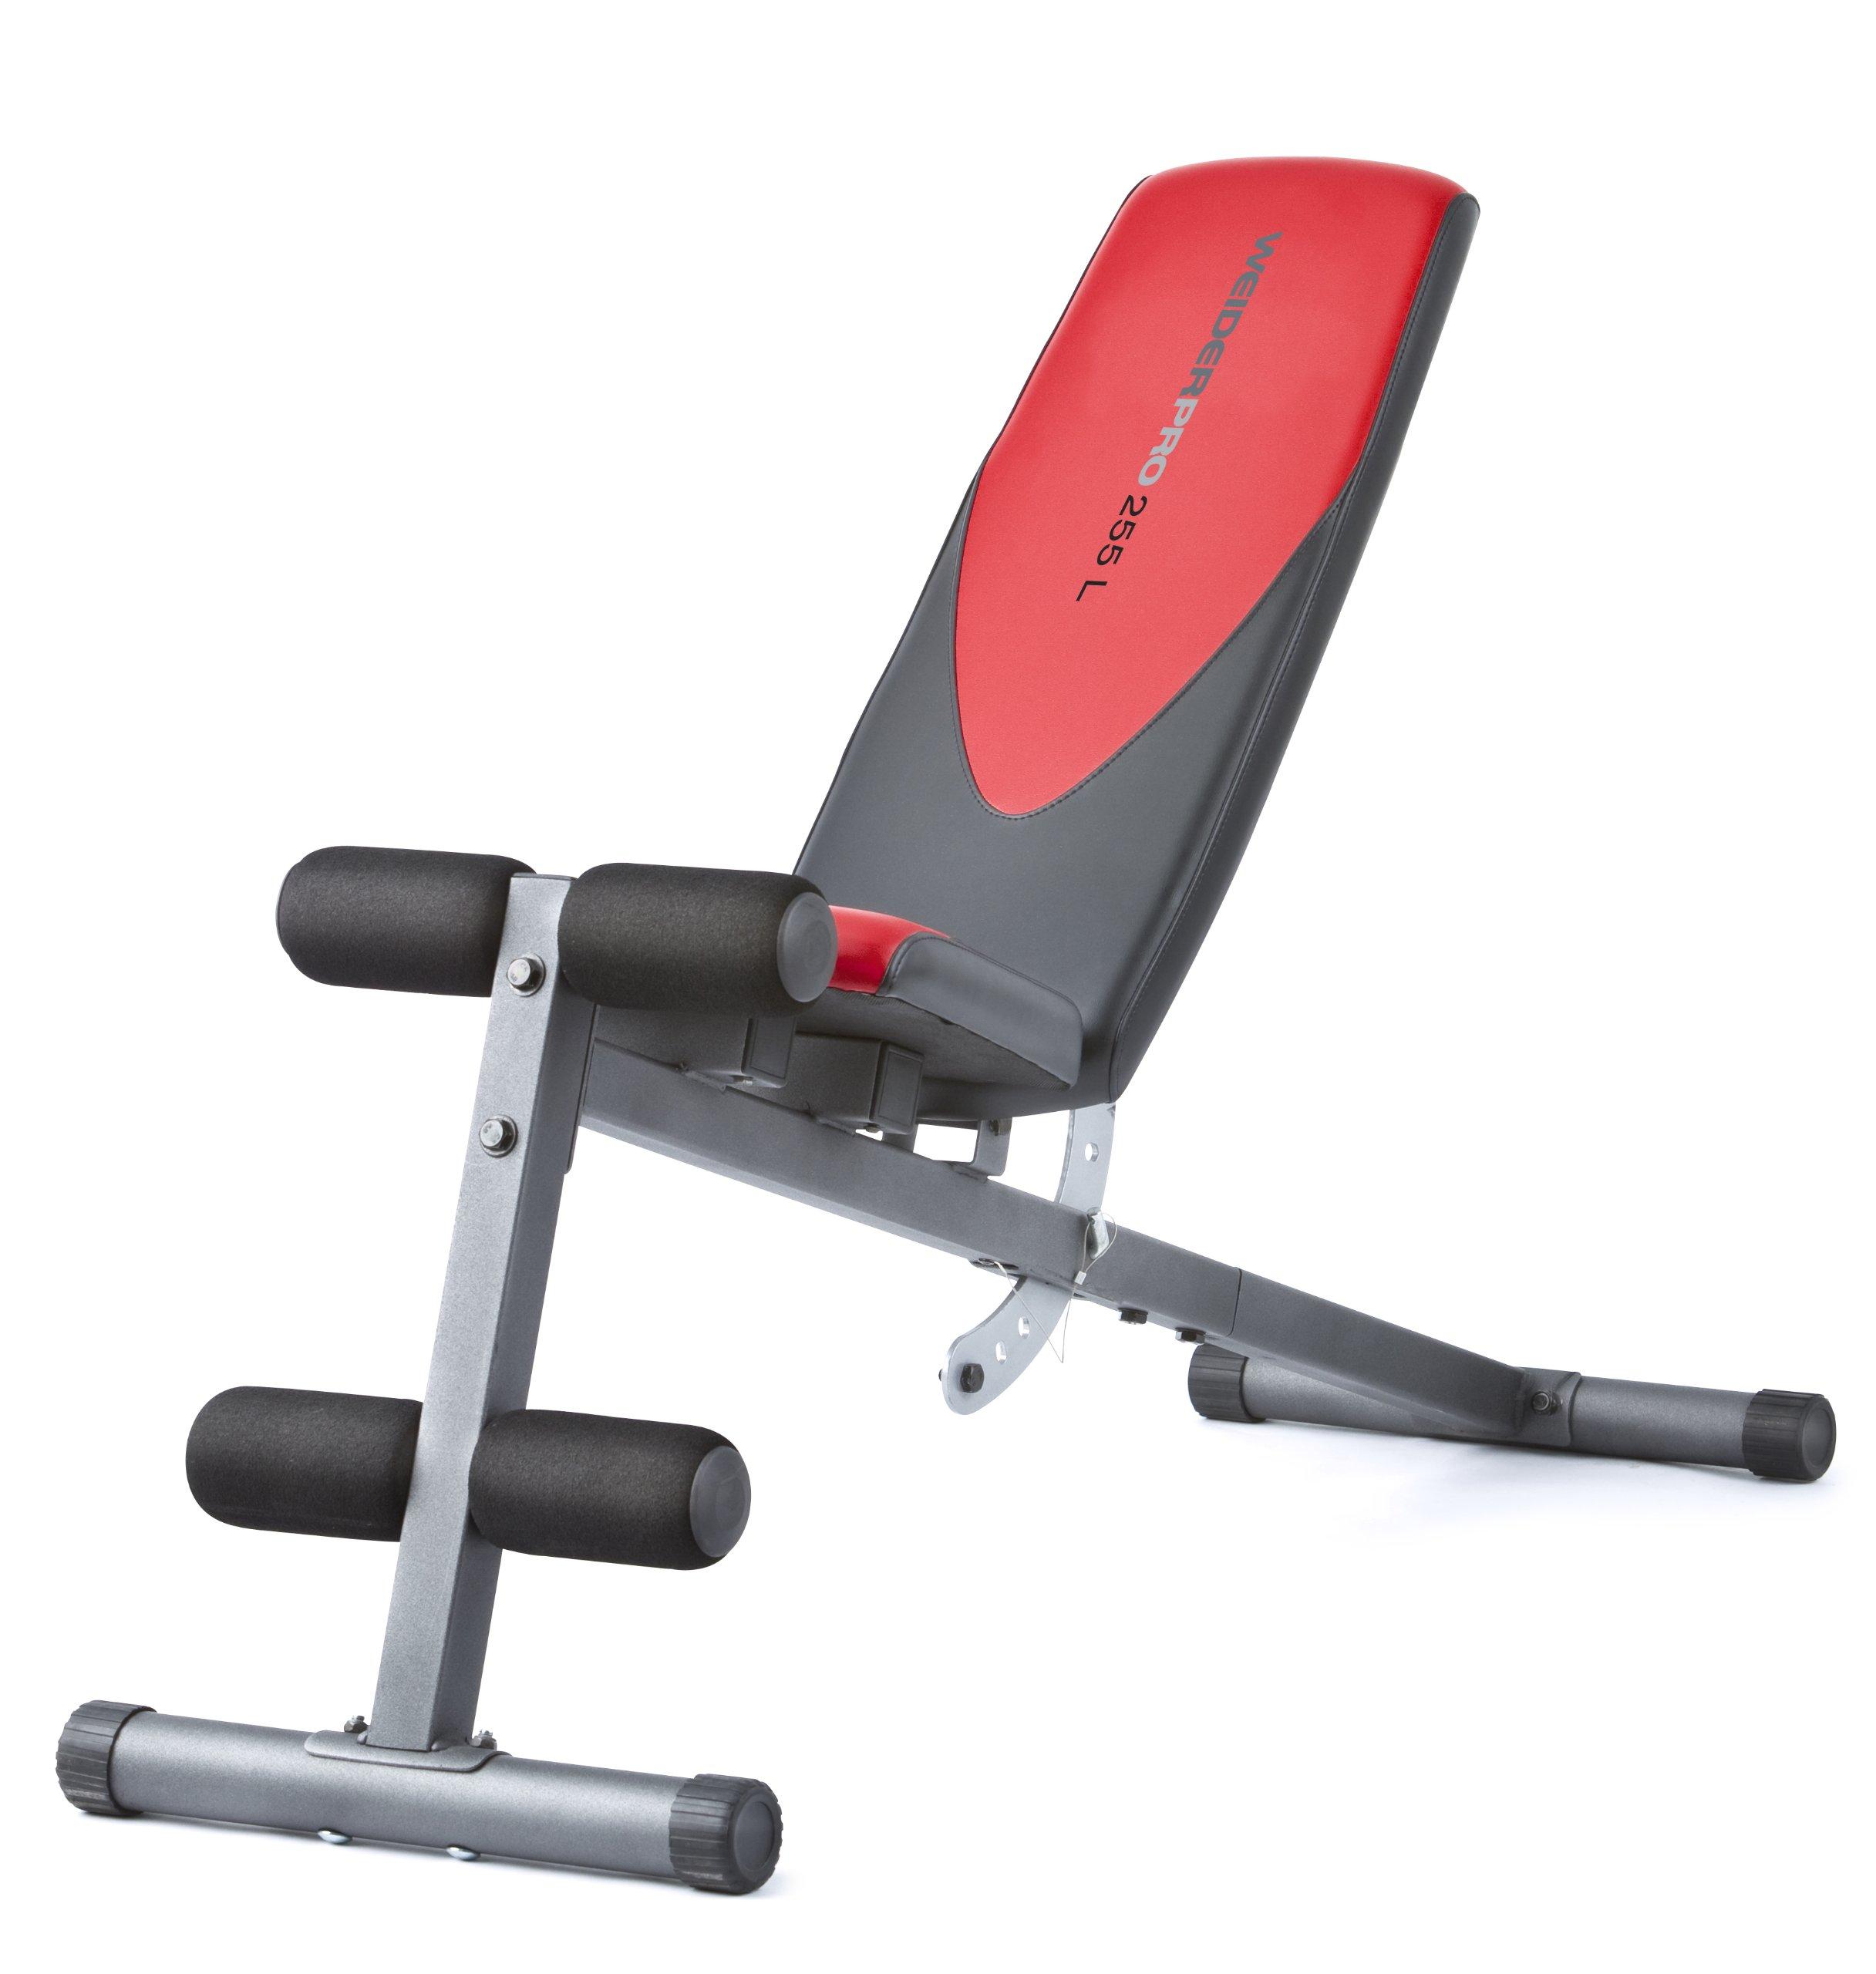 Weider Incline Weight Bench by Weider (Image #1)